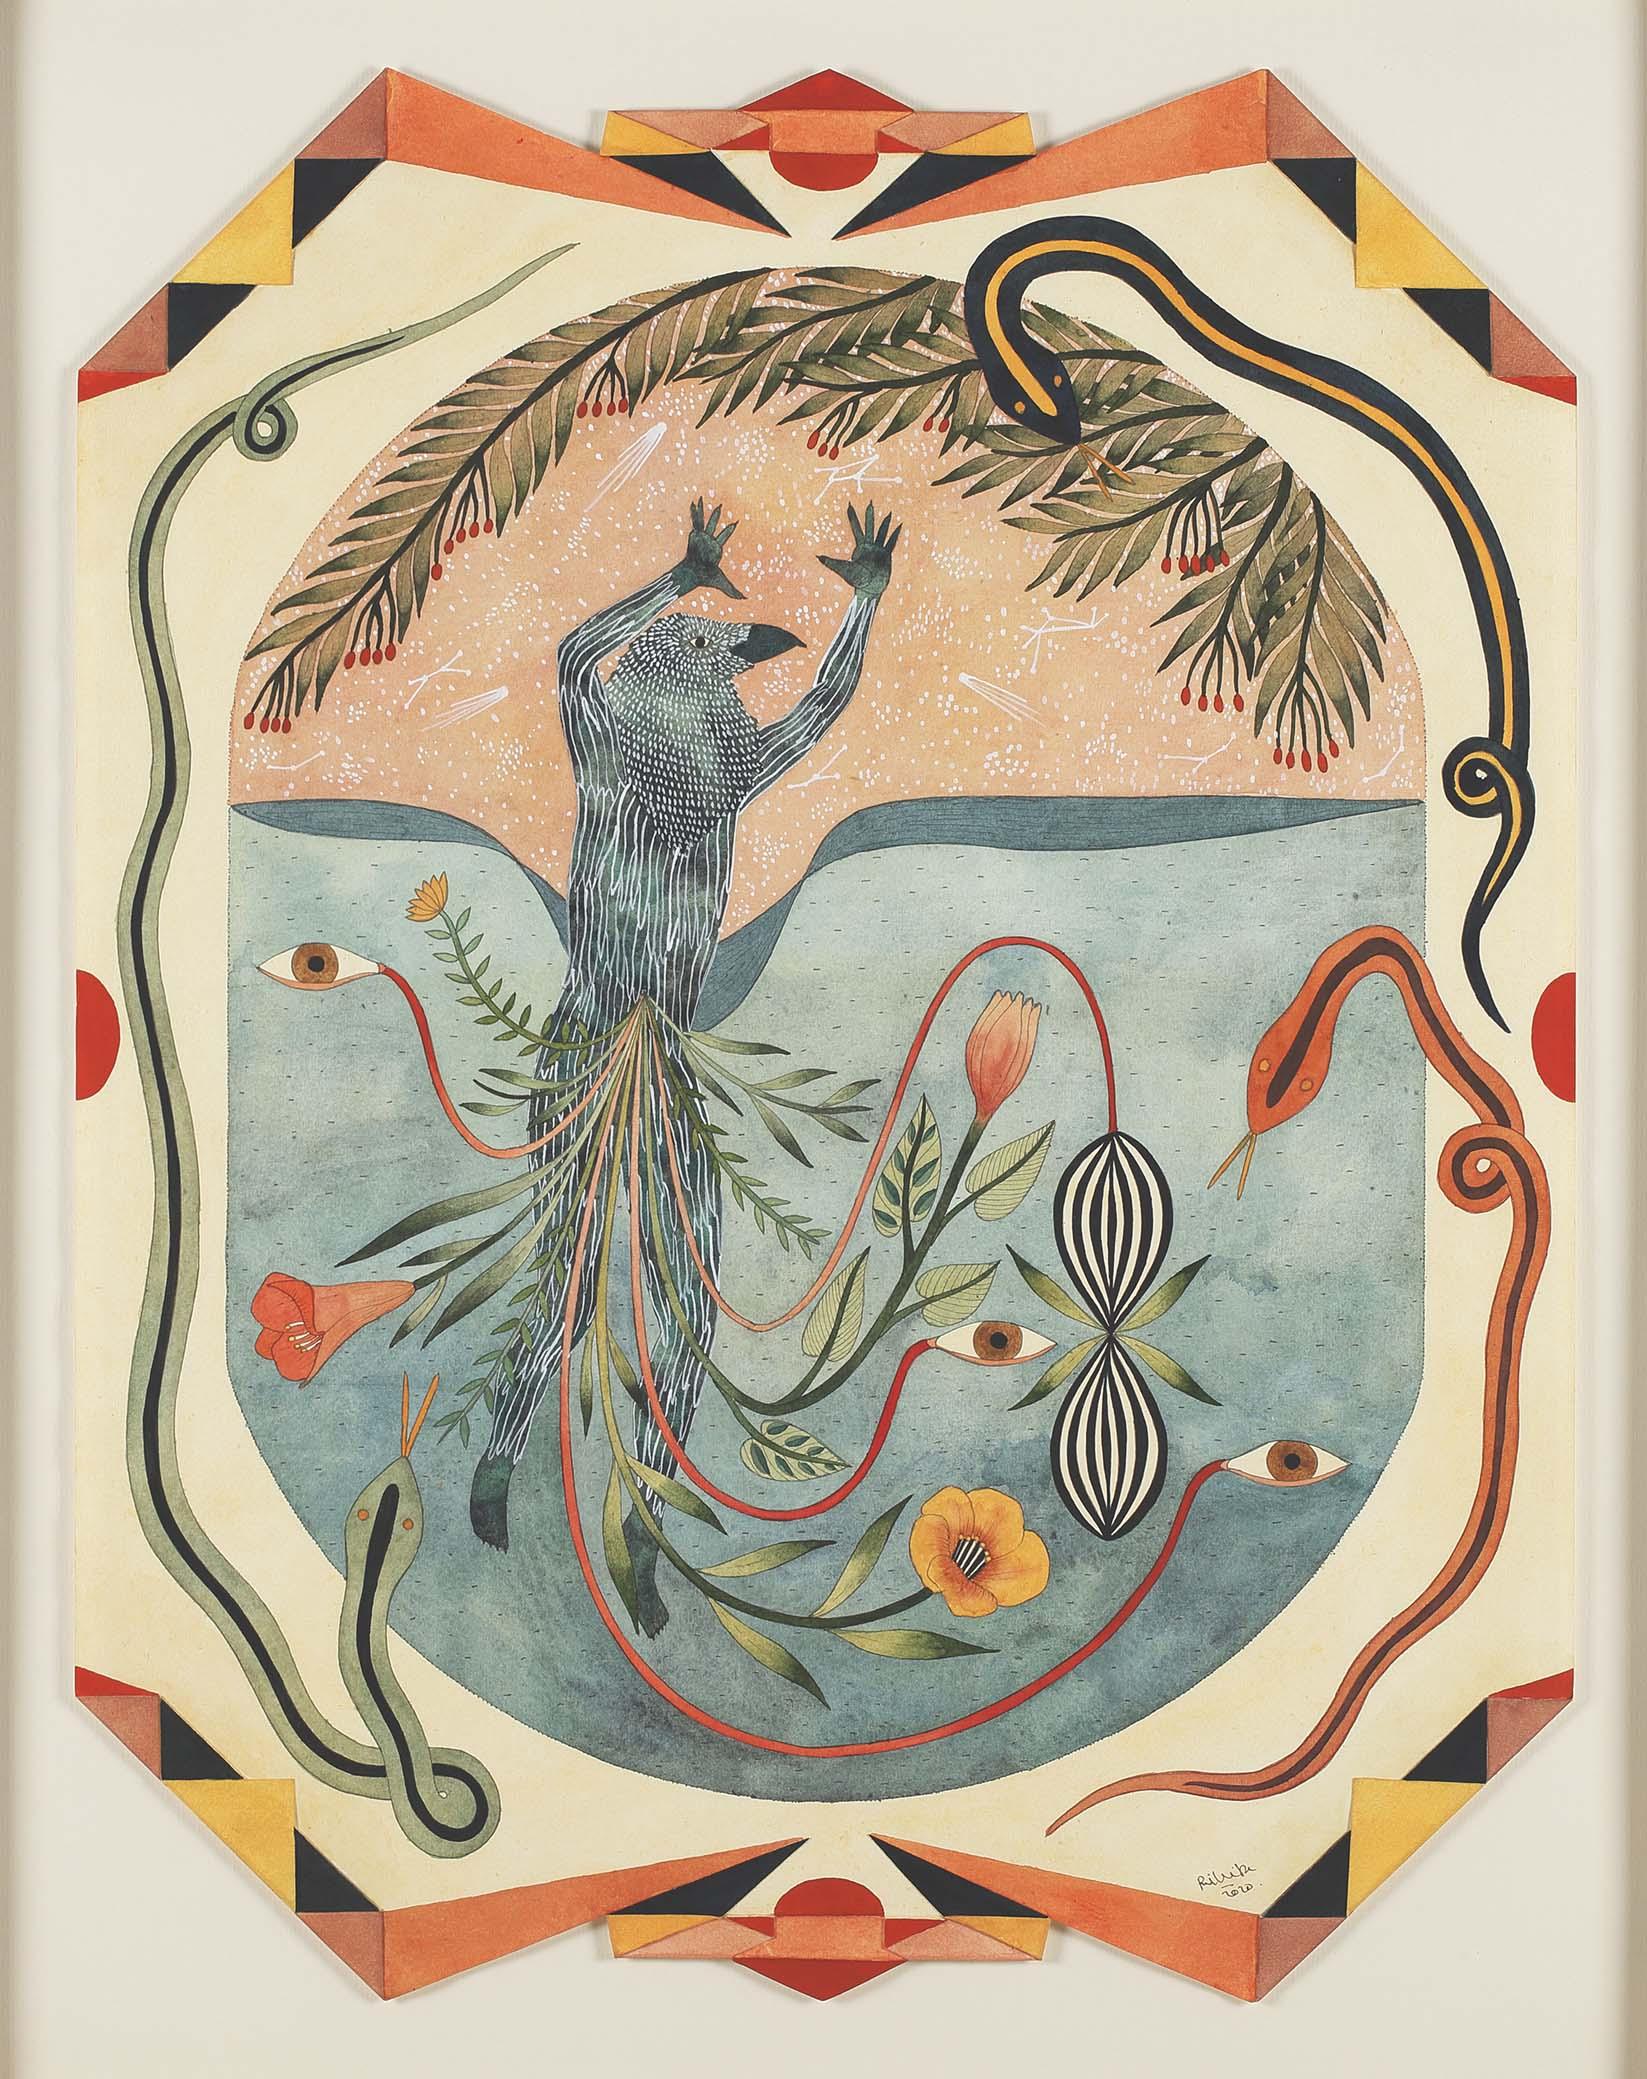 Mining Mythology: The art of Rithika Merchant - Contemporary Art, featured, Gond, Mythology, Rithika Merchant, Shifting Selves